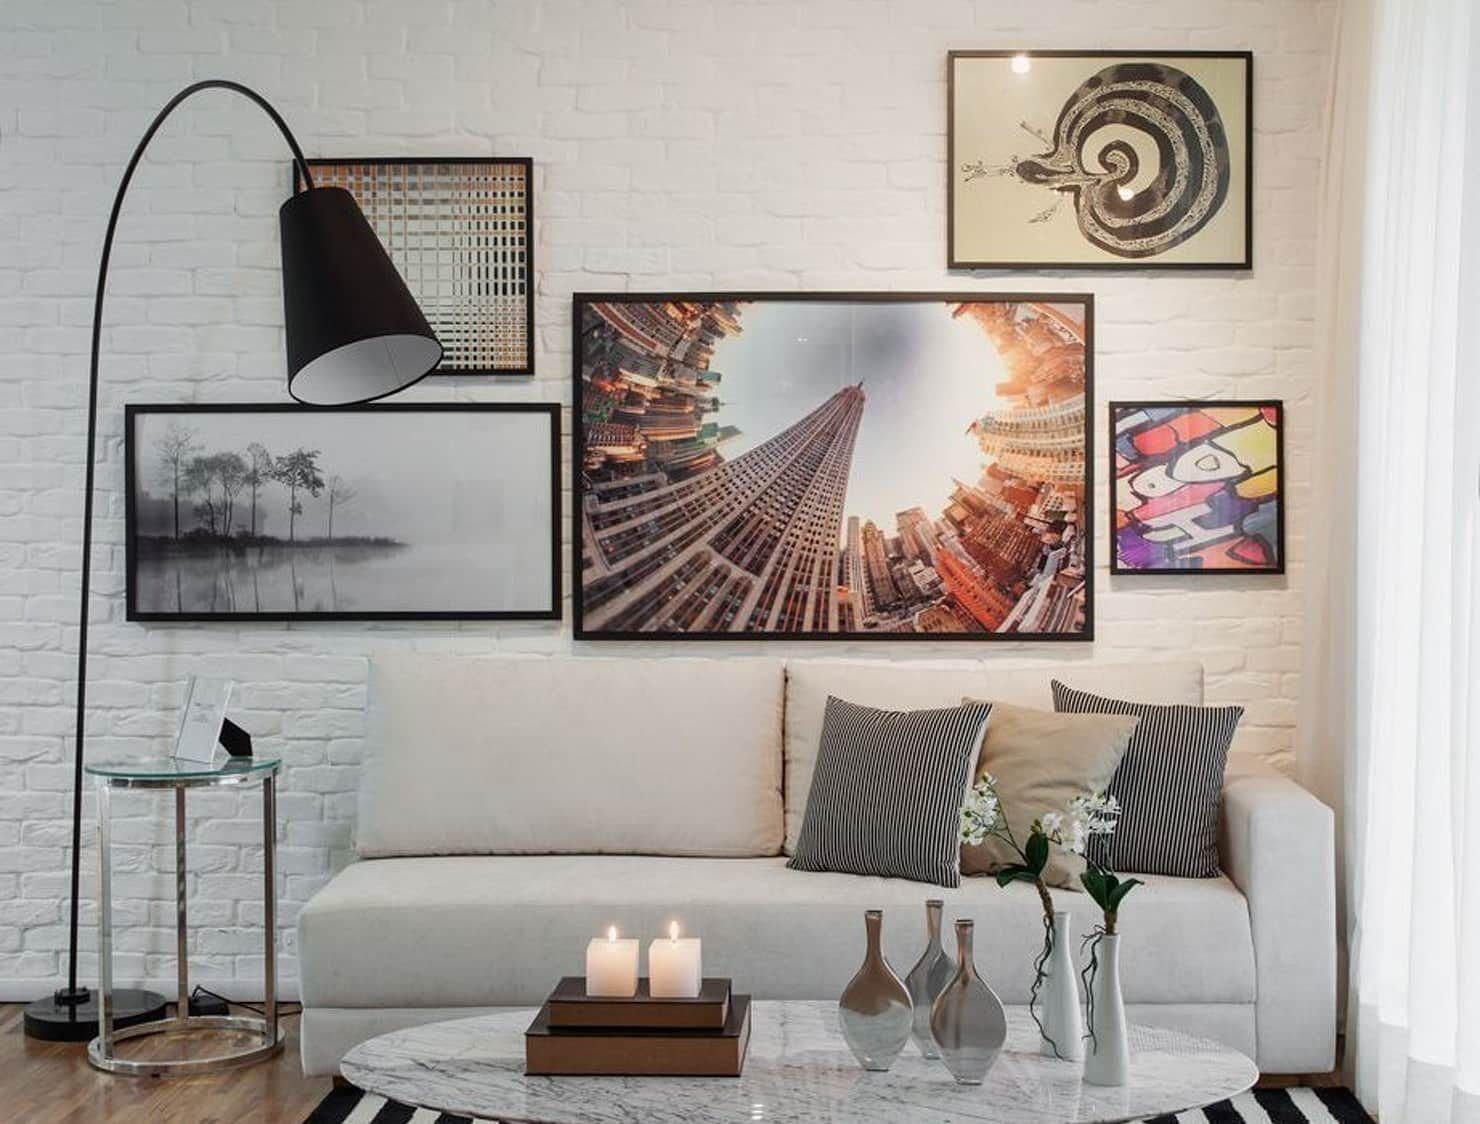 Fotos De Decora O Design De Interiores E Reformas -> Sala De Estar Decorada Tok Stok